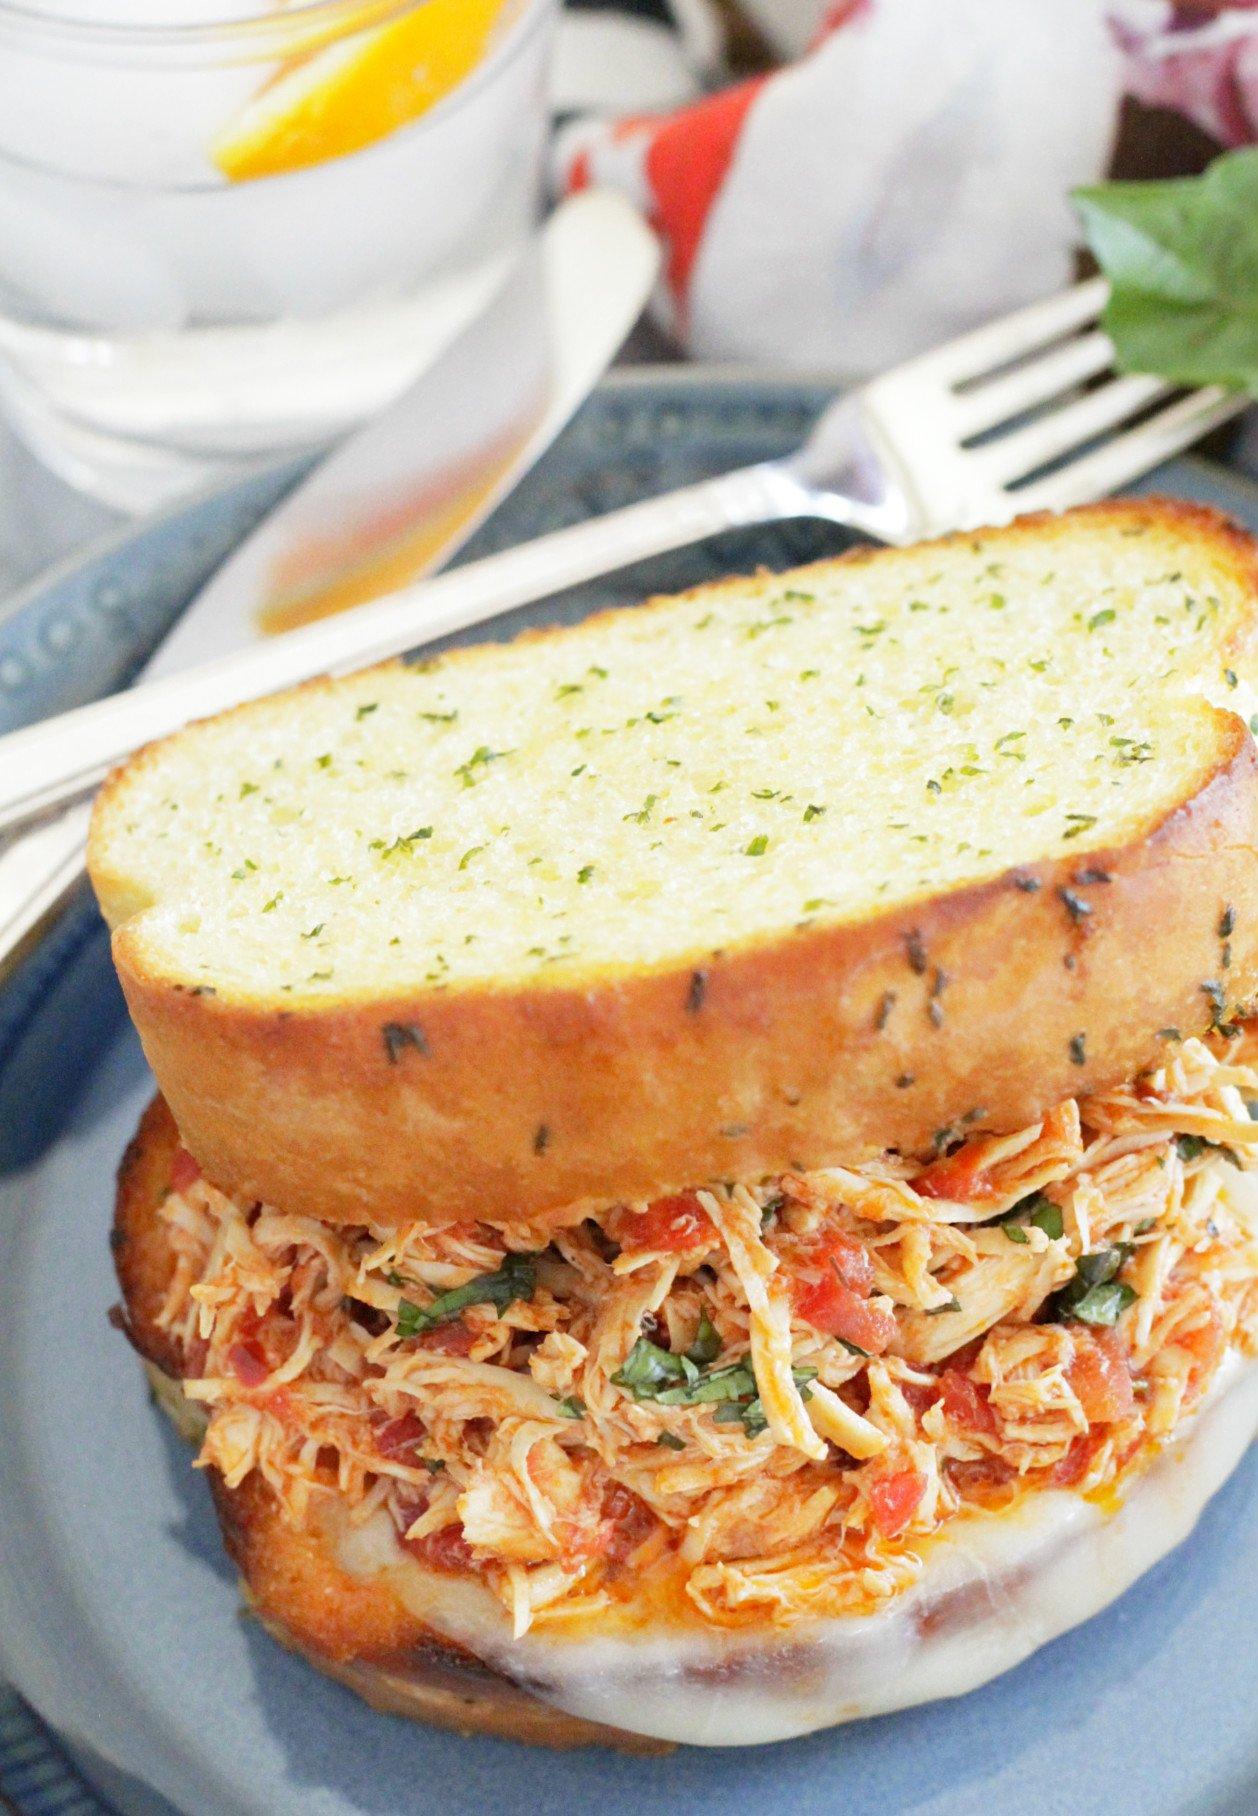 slow cooker italian chicken sandwiches - sandwich on blue plate